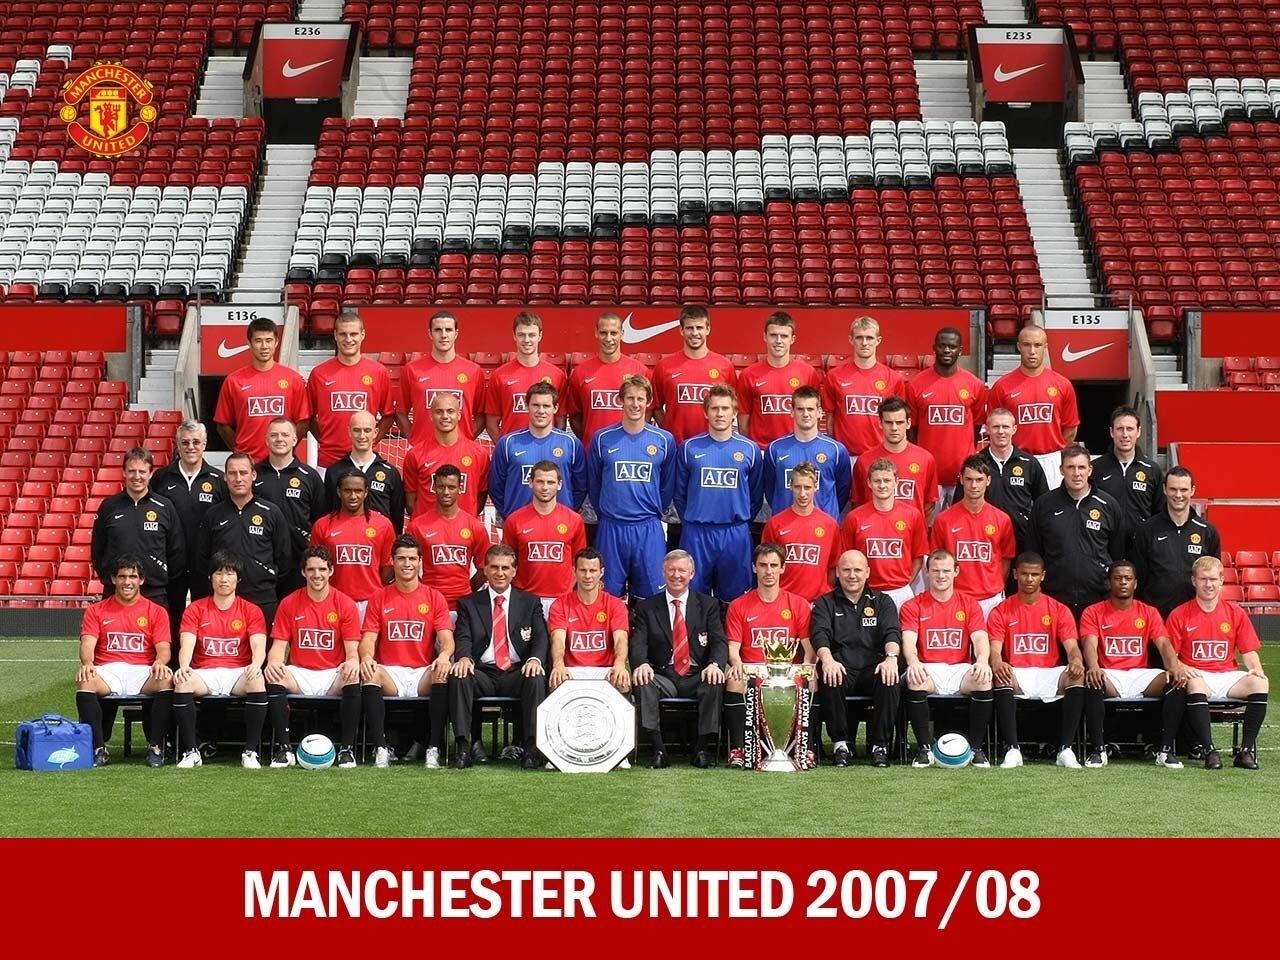 http://1.bp.blogspot.com/-PLOlMrNZ8gE/TgTkqRV56_I/AAAAAAAABBg/mHIPoygMaWY/s1600/Manchester-United-Squad-Wallpaper-2007-2008.jpg